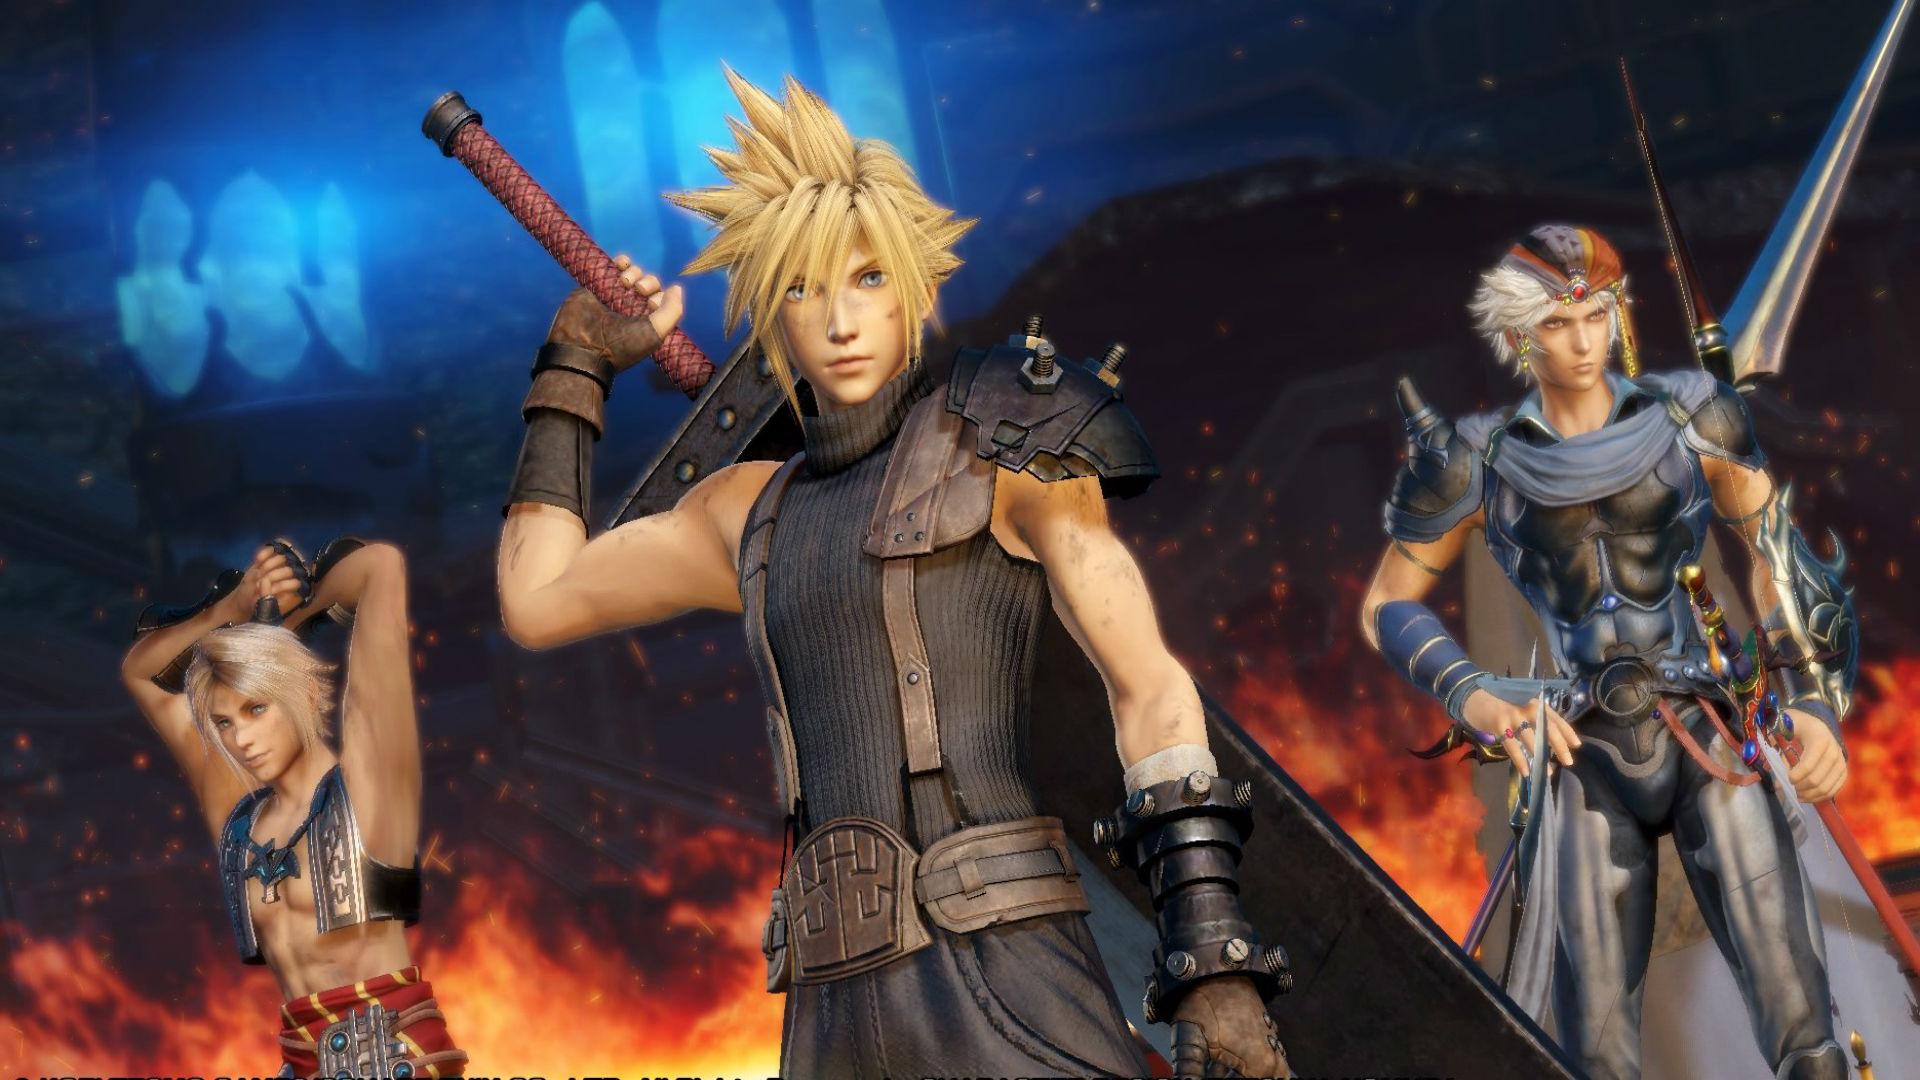 La nostra recensione di Dissidia Final Fantasy NT!